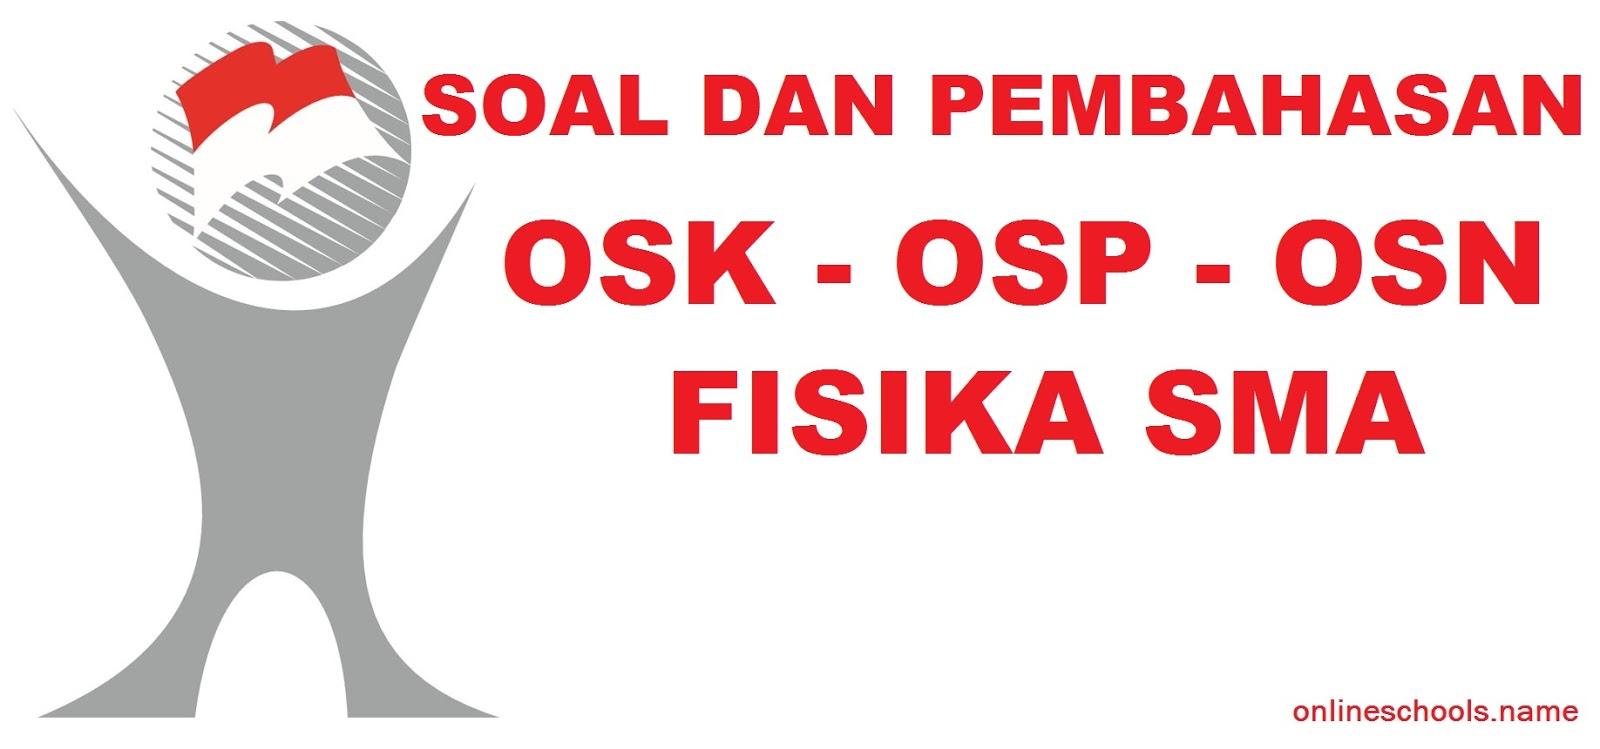 Download Kumpulan Soal dan Pembahasan OSK, OSP atau OSN Fisika SMA